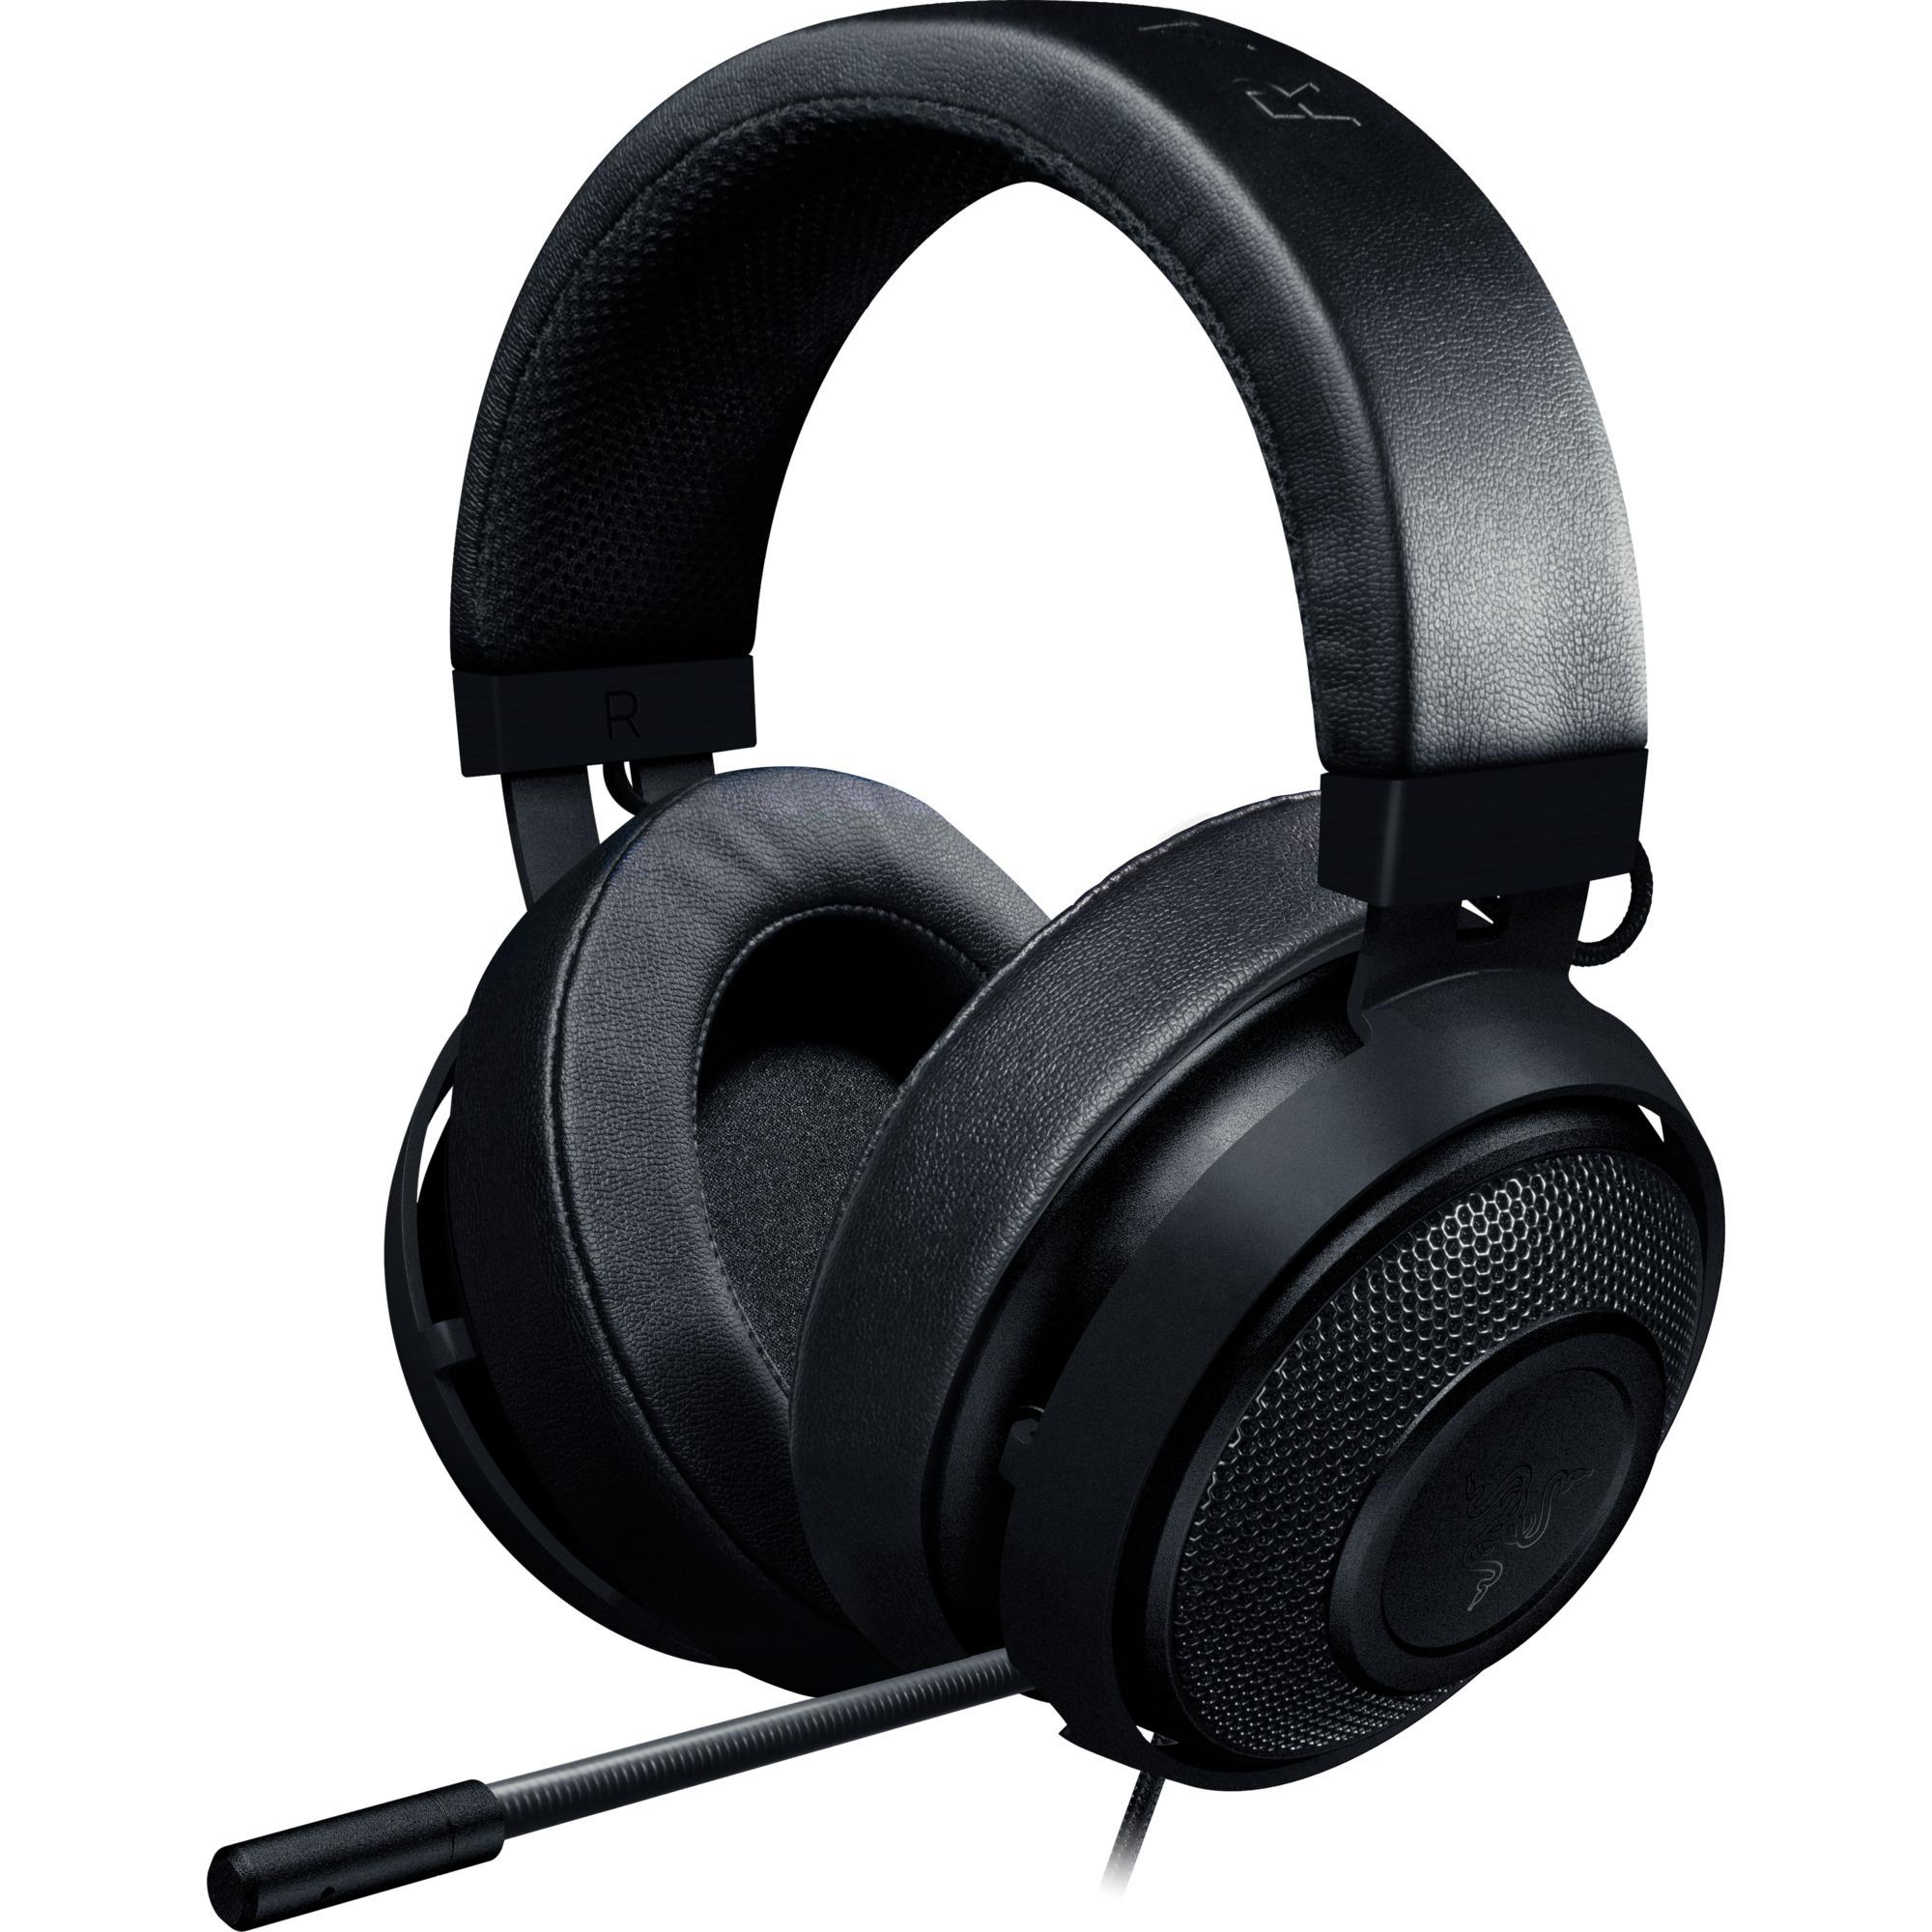 Razer Kraken Pro V2, Headset, Casque d'écoute